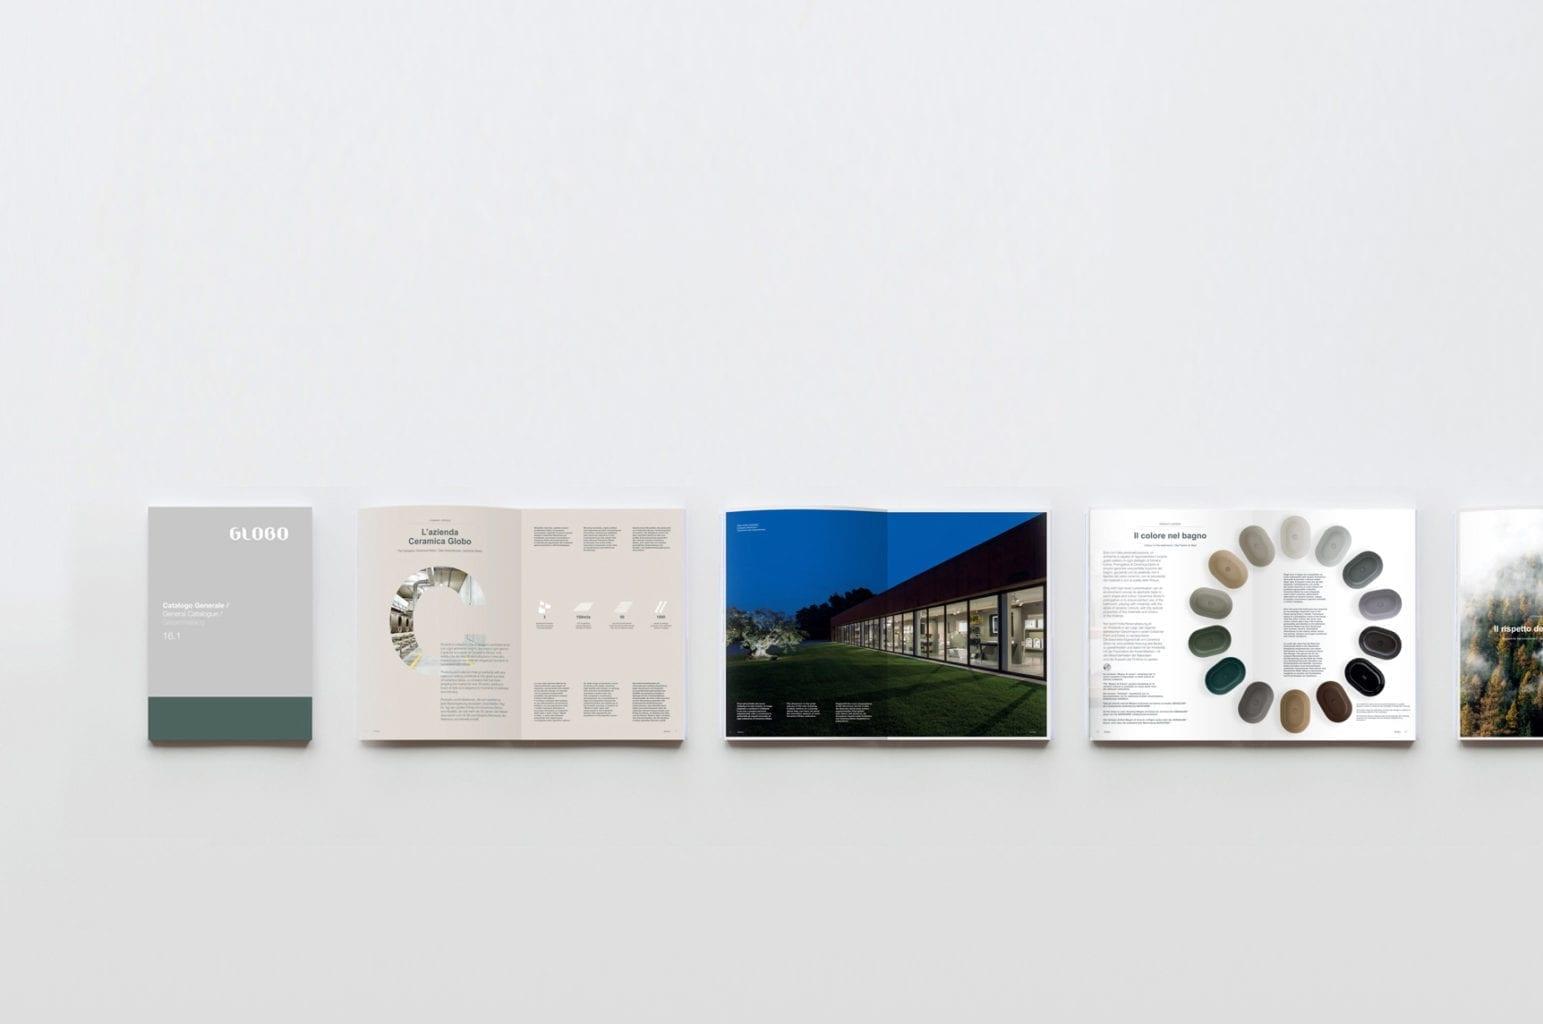 domenico_orefice_design_studio_graphic_branding_globo_general_catalogue_03